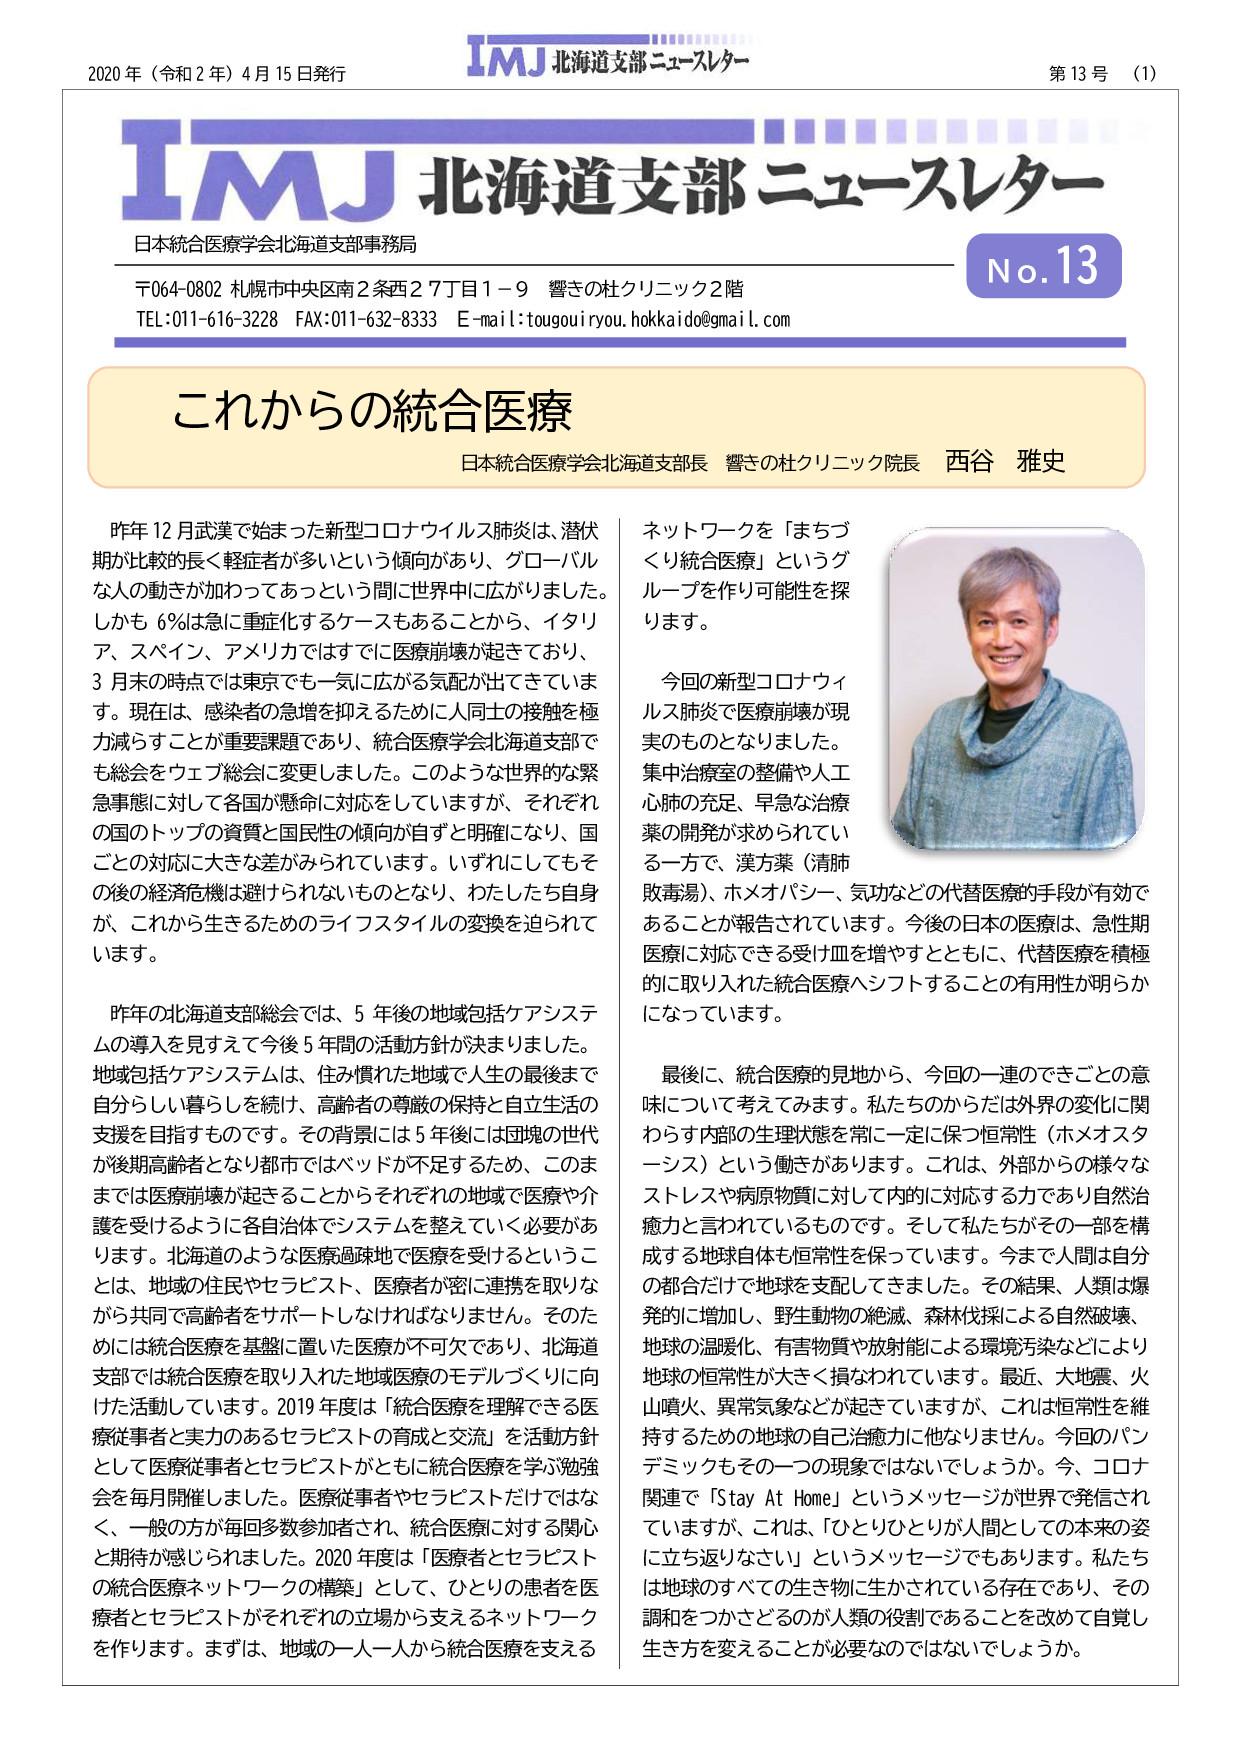 ニュースレター_13号_001